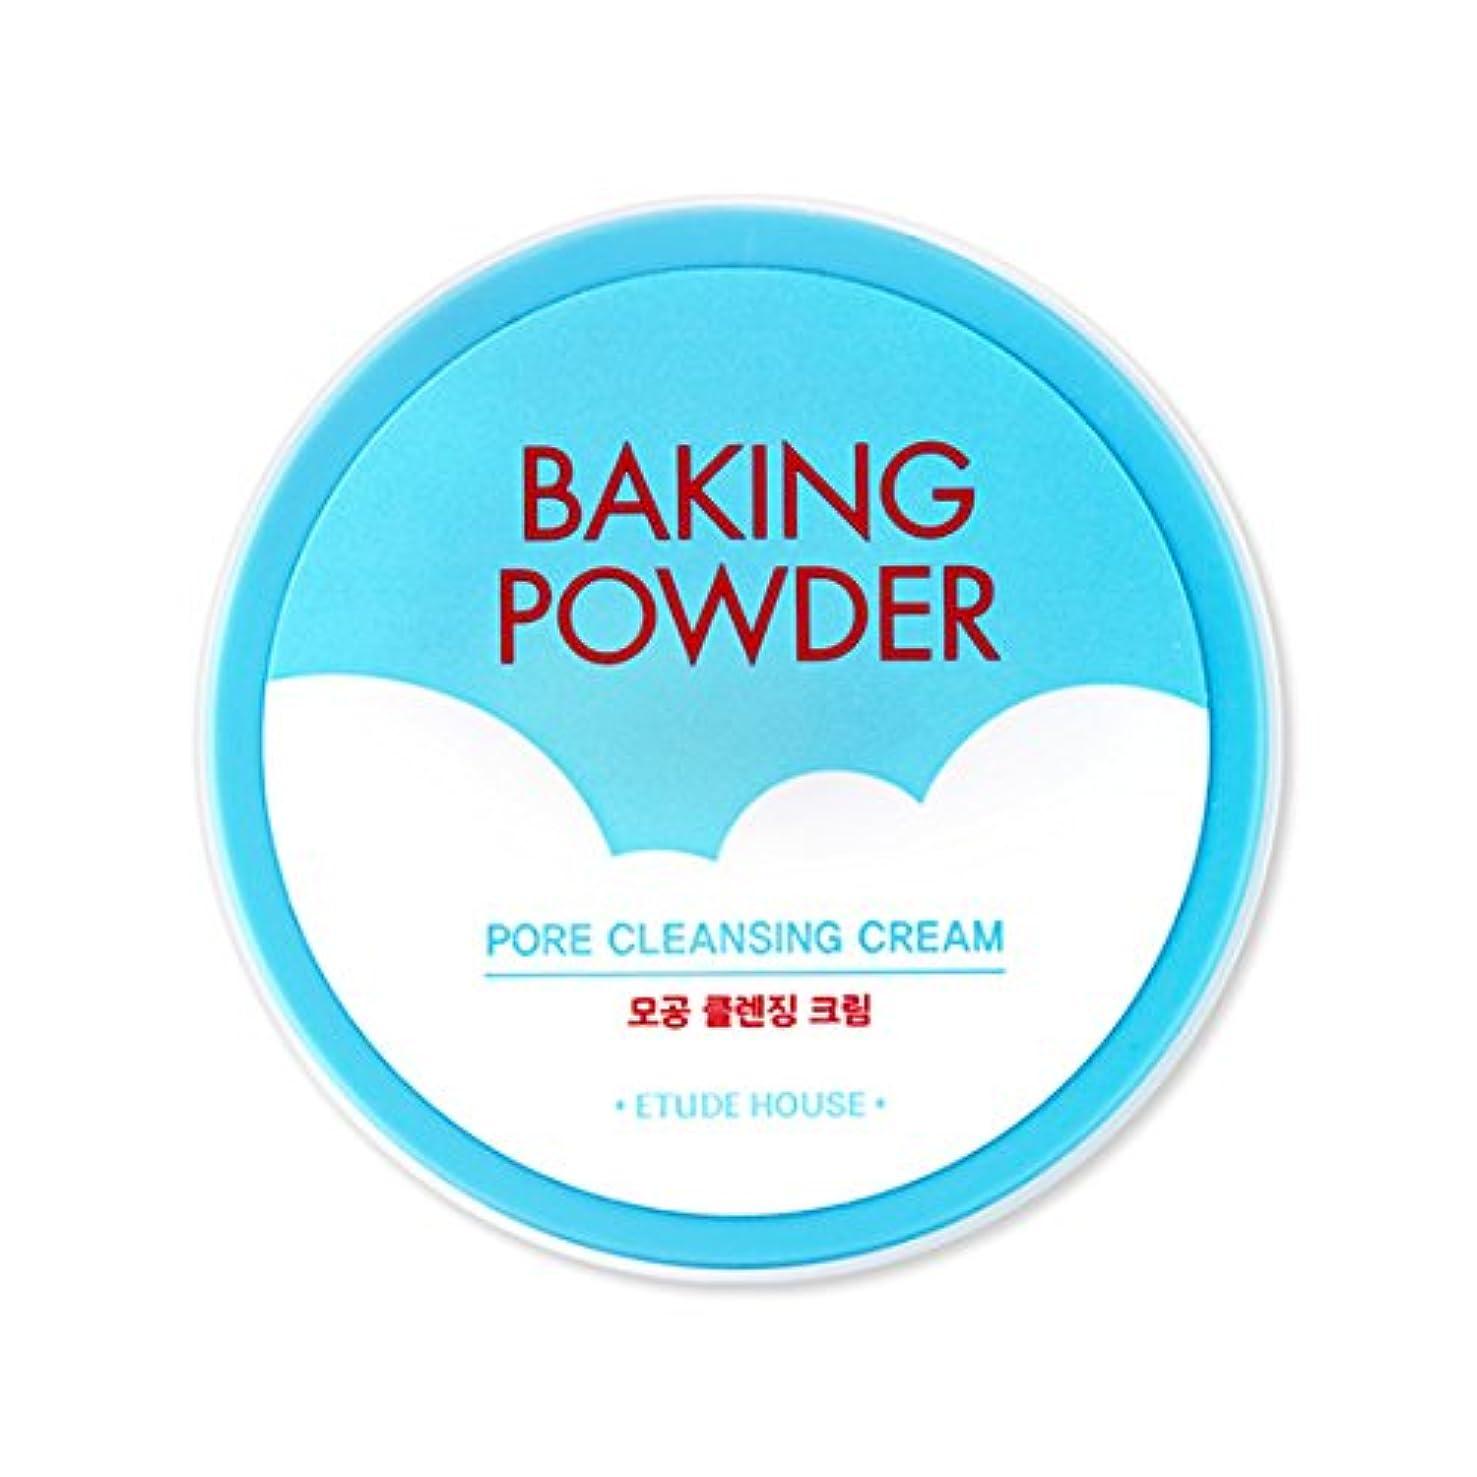 月曜日知っているに立ち寄る証明書[2016 Upgrade!] ETUDE HOUSE Baking Powder Pore Cleansing Cream 180ml/エチュードハウス ベーキング パウダー ポア クレンジング クリーム 180ml...